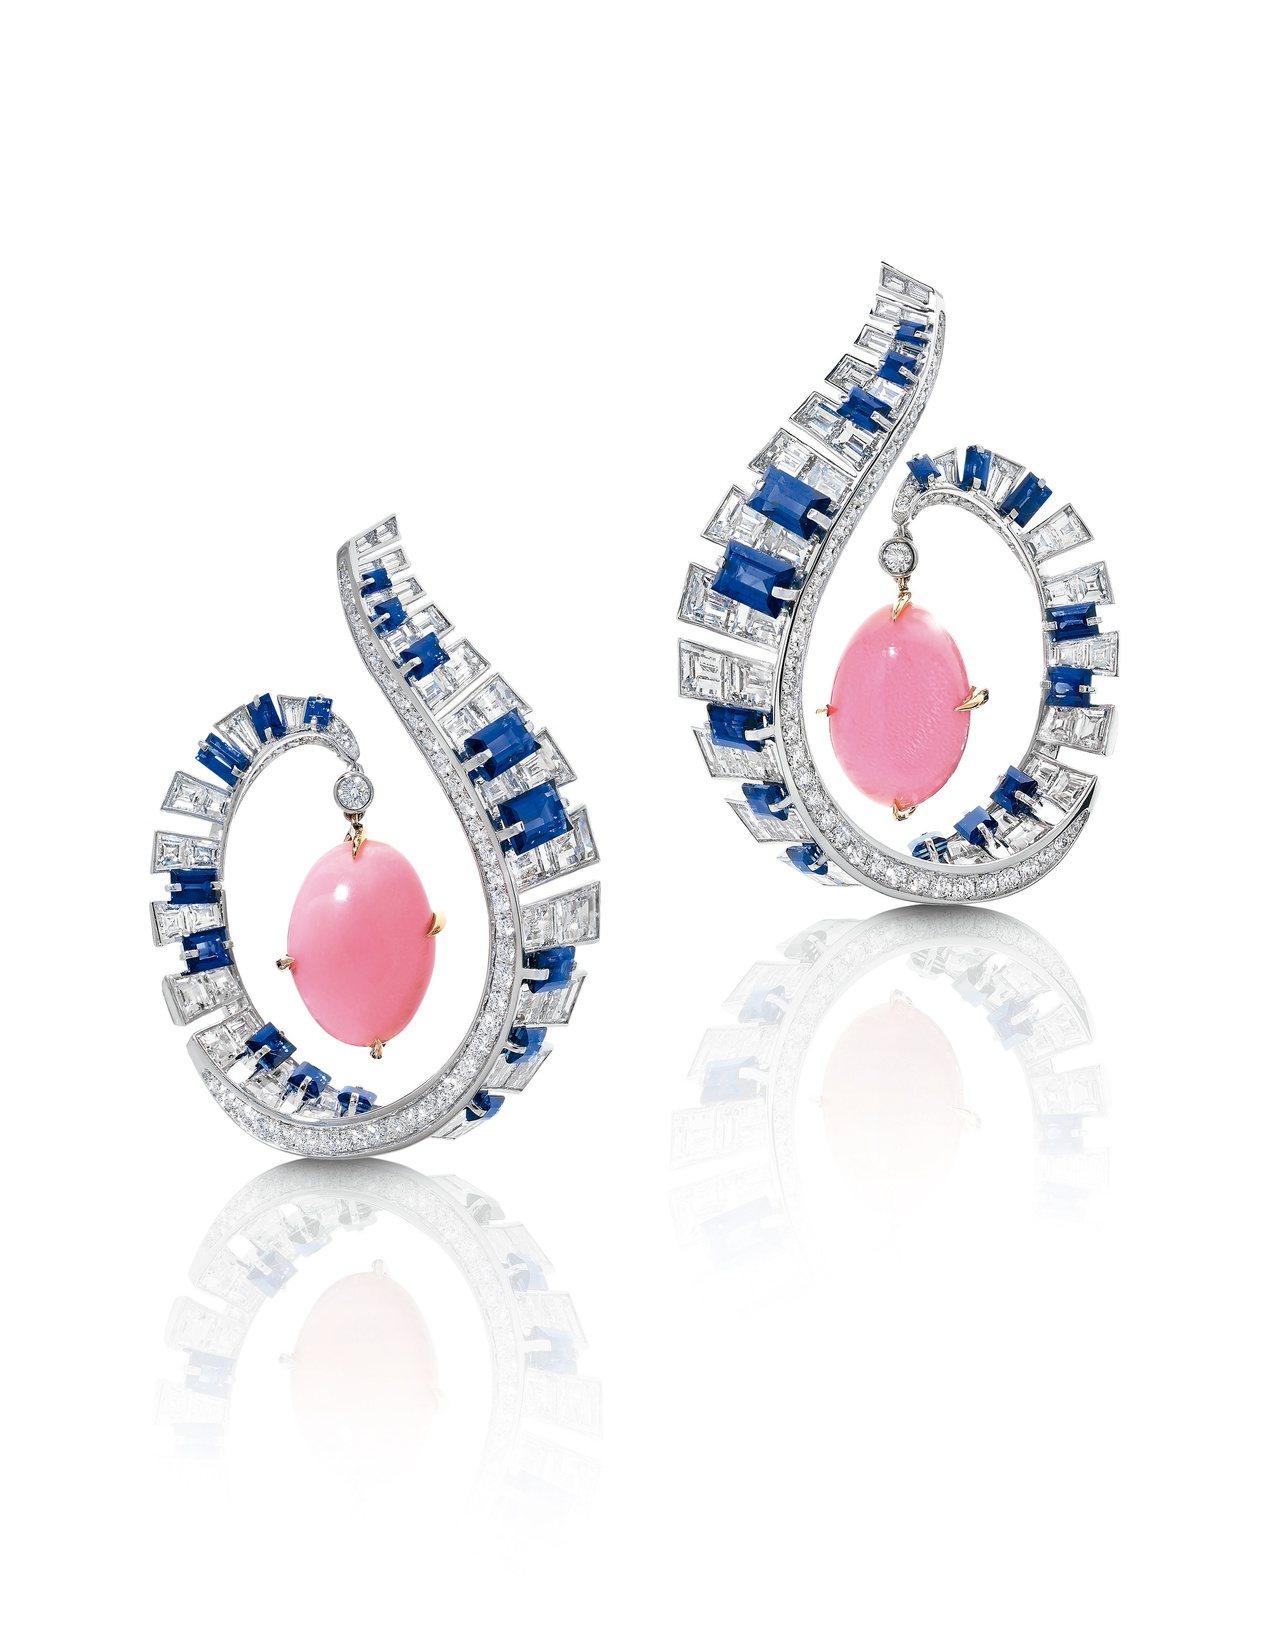 胡茵菲絲路音樂系列艾靈頓(Ellington)耳環,海螺珠、藍寶石配鑽石,估價約...